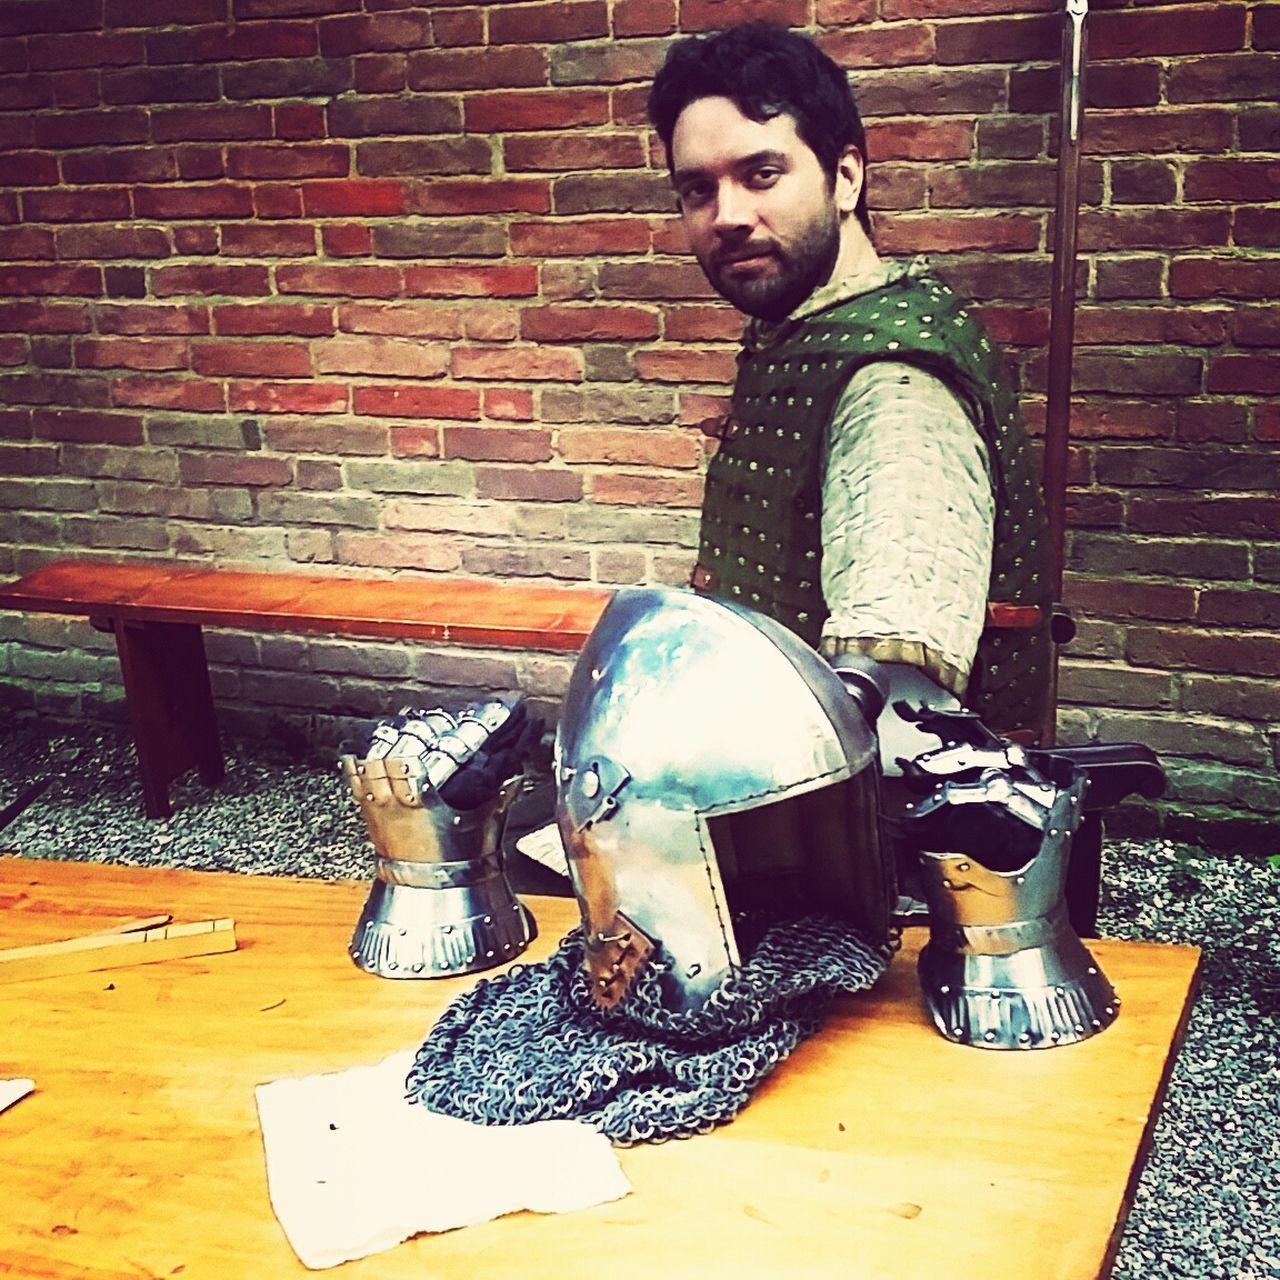 Medieval Cavalierking Castellodelvalentino Preparation  Inconorazione 1700 Story Coraggio *¥ Fedelta Onore